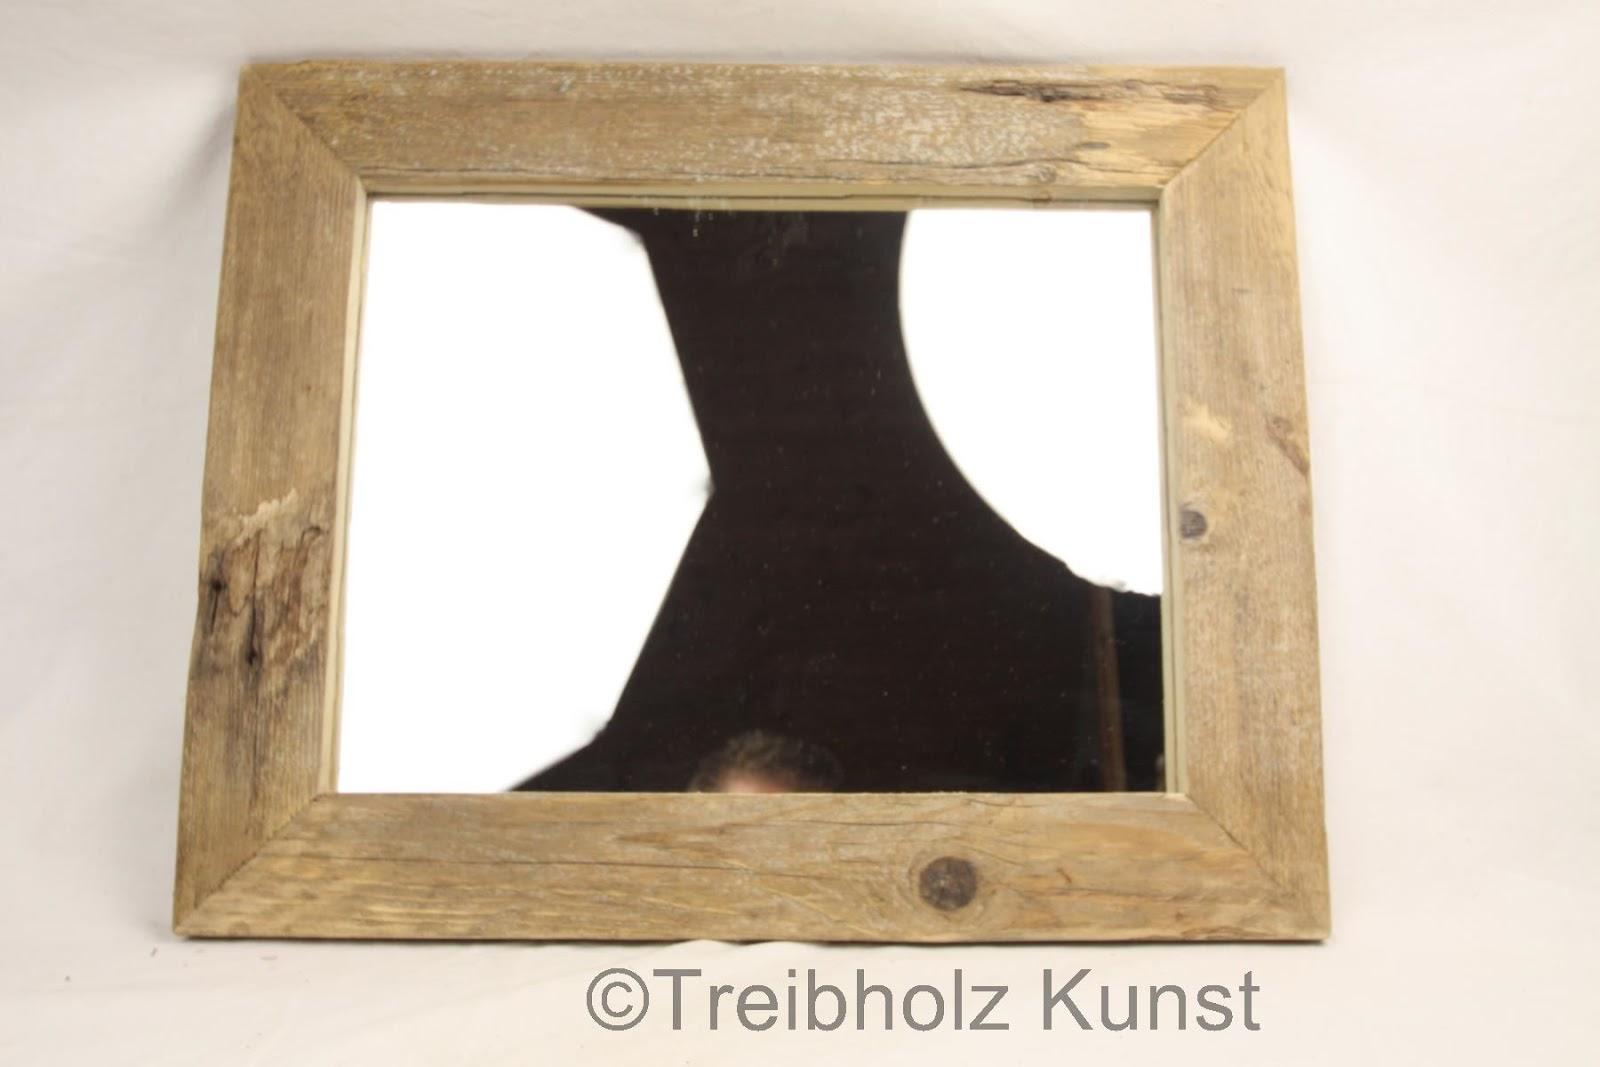 Spiegel Treibholz treibholz natur kunst diy galerie